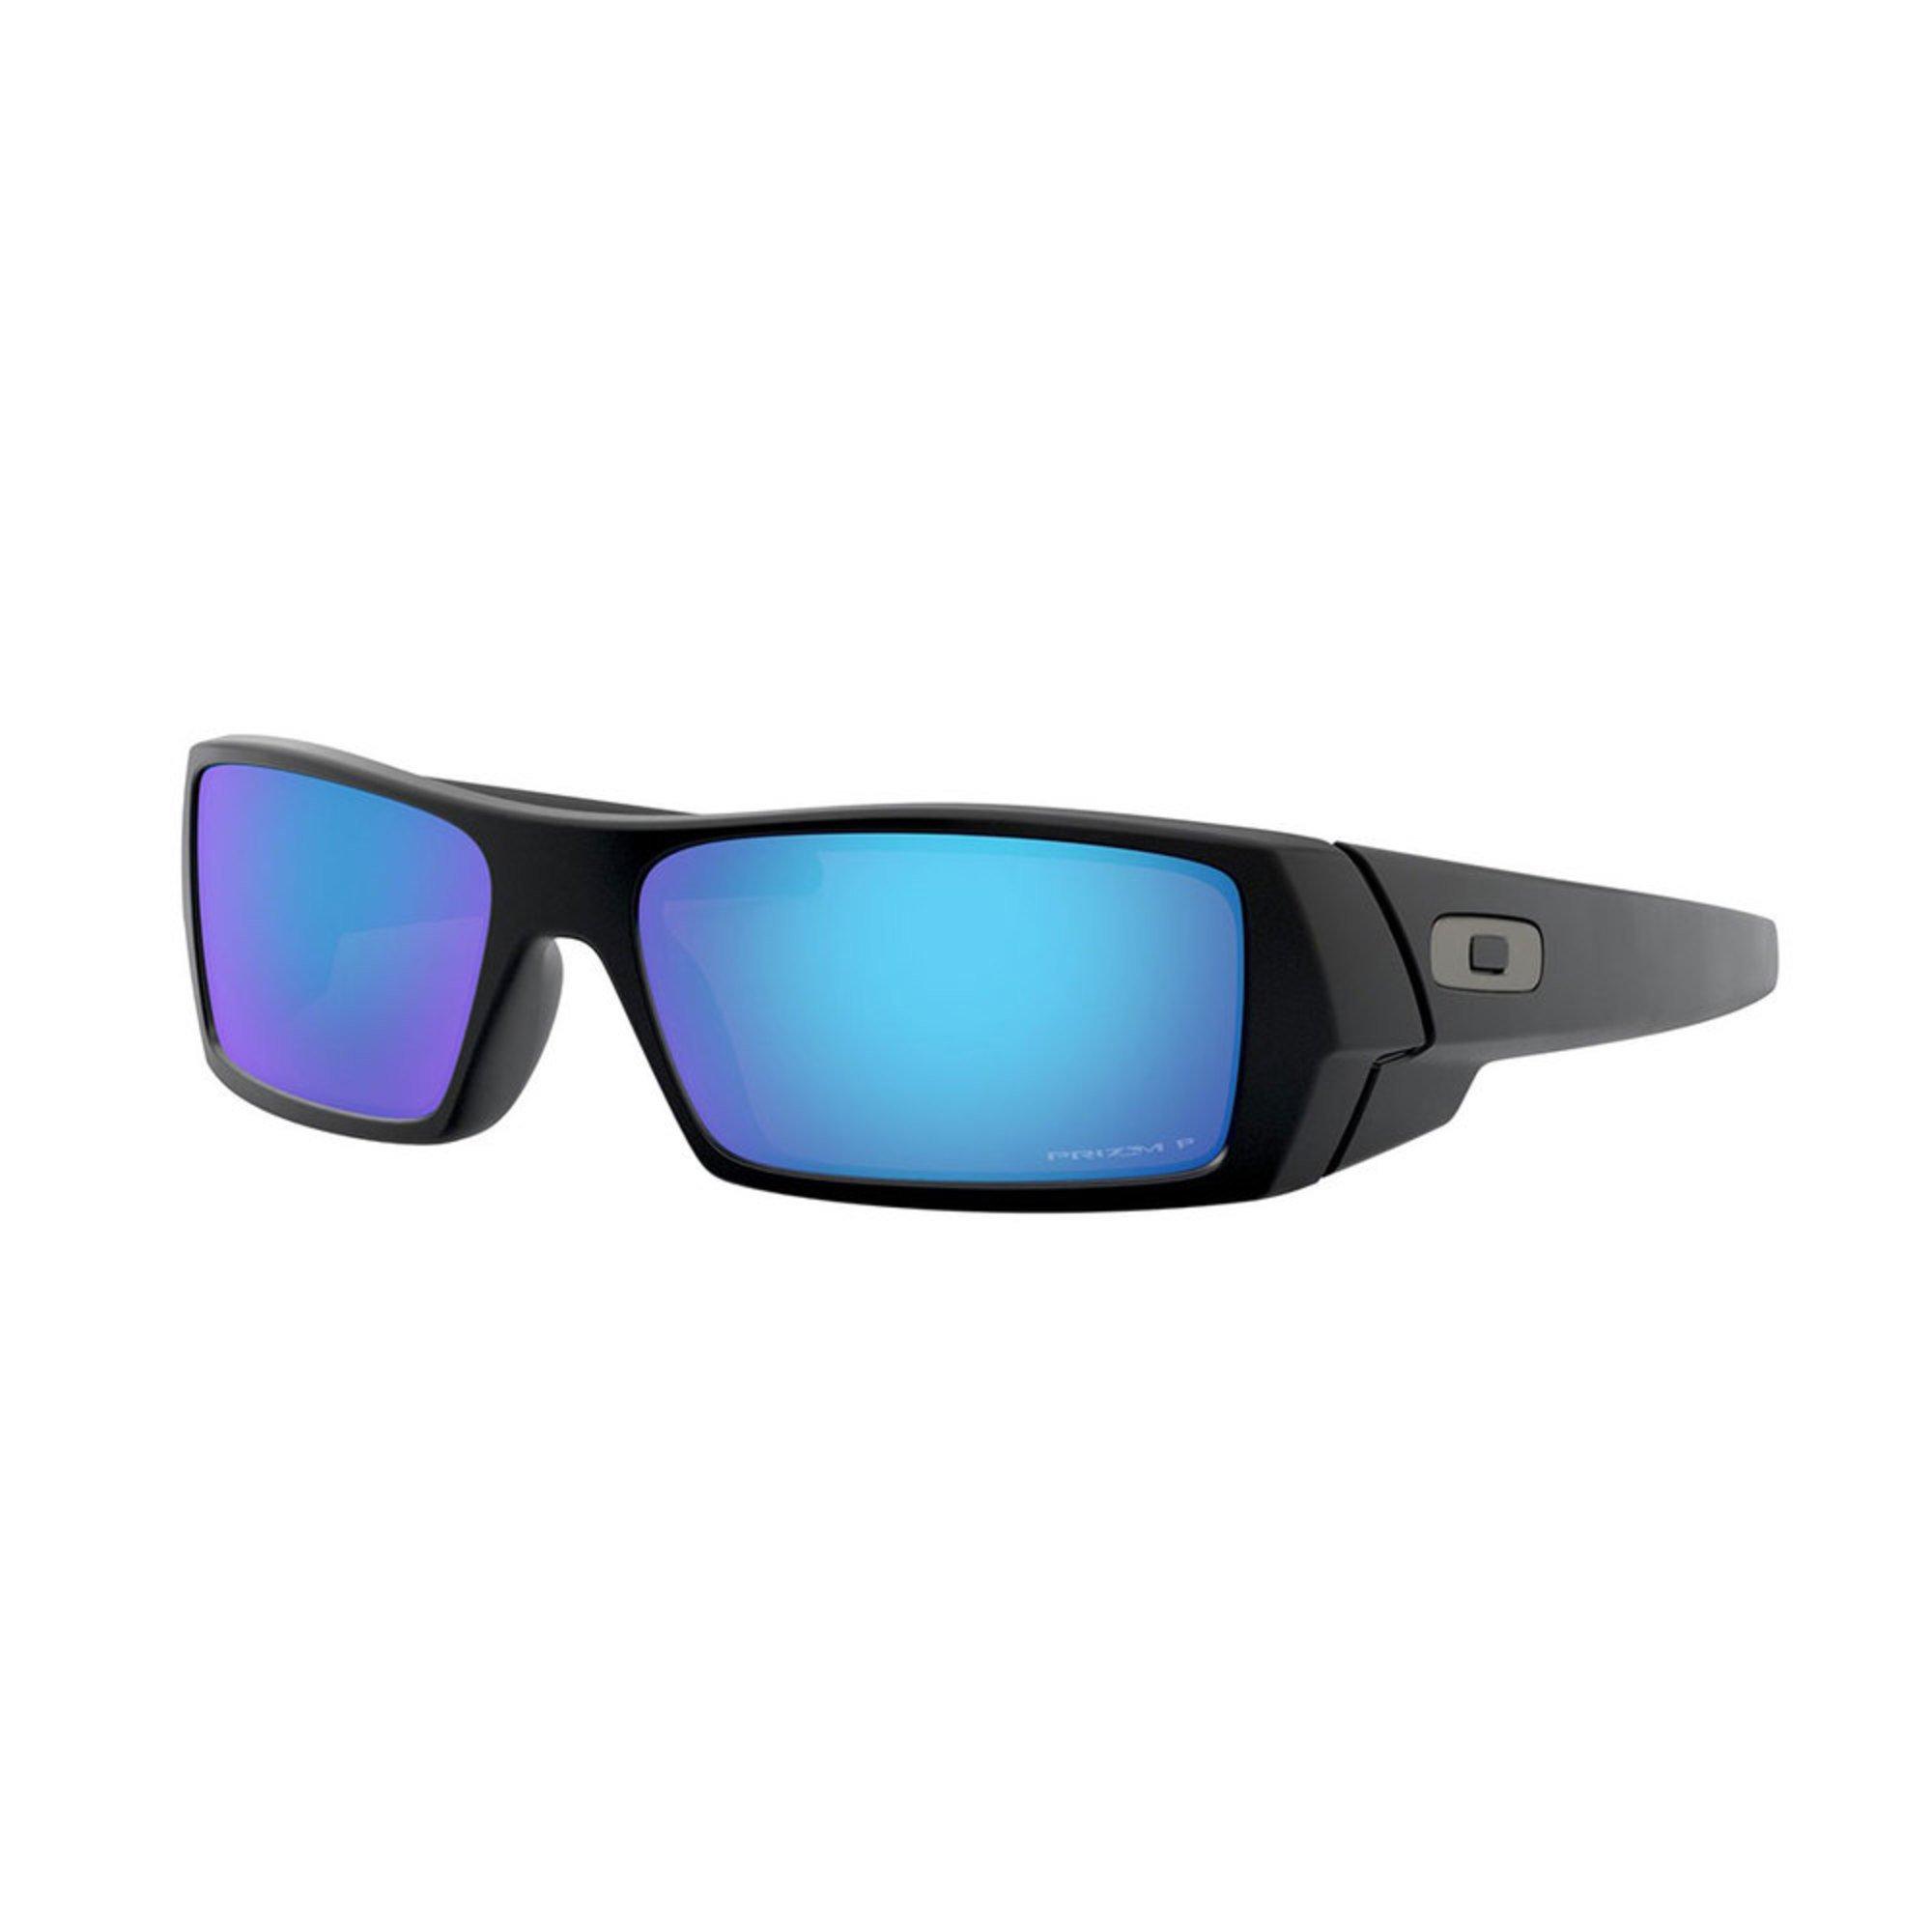 8d01e6433e6 Oakley. Oakley Men s Polarized Gascan Prizm Sunglasses